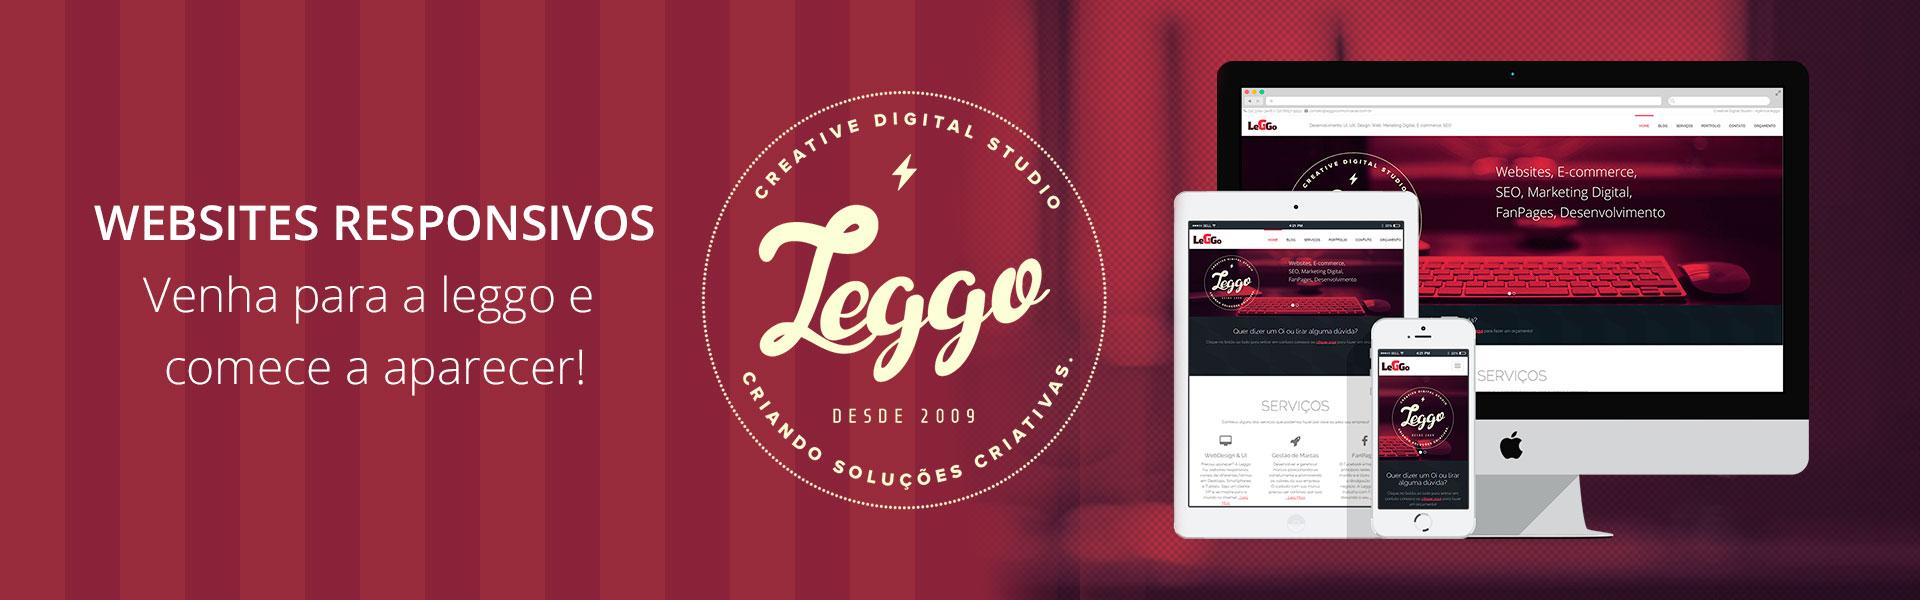 Agência Leggo - Criação de Sites Responsivos, Desktops, Tablets, Smartphones